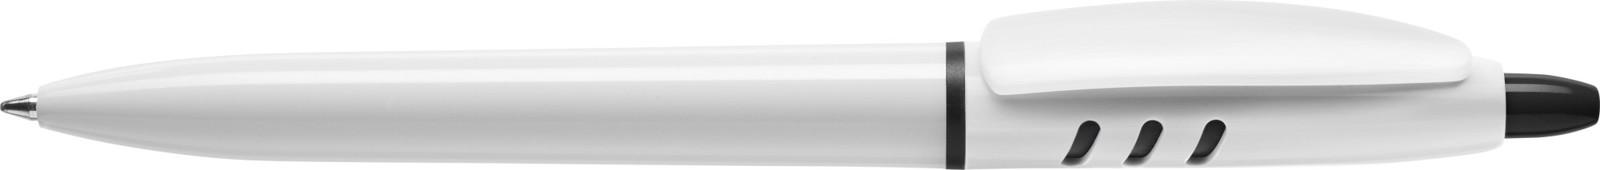 Stilolinea S30 plastic ballpen - White / Black